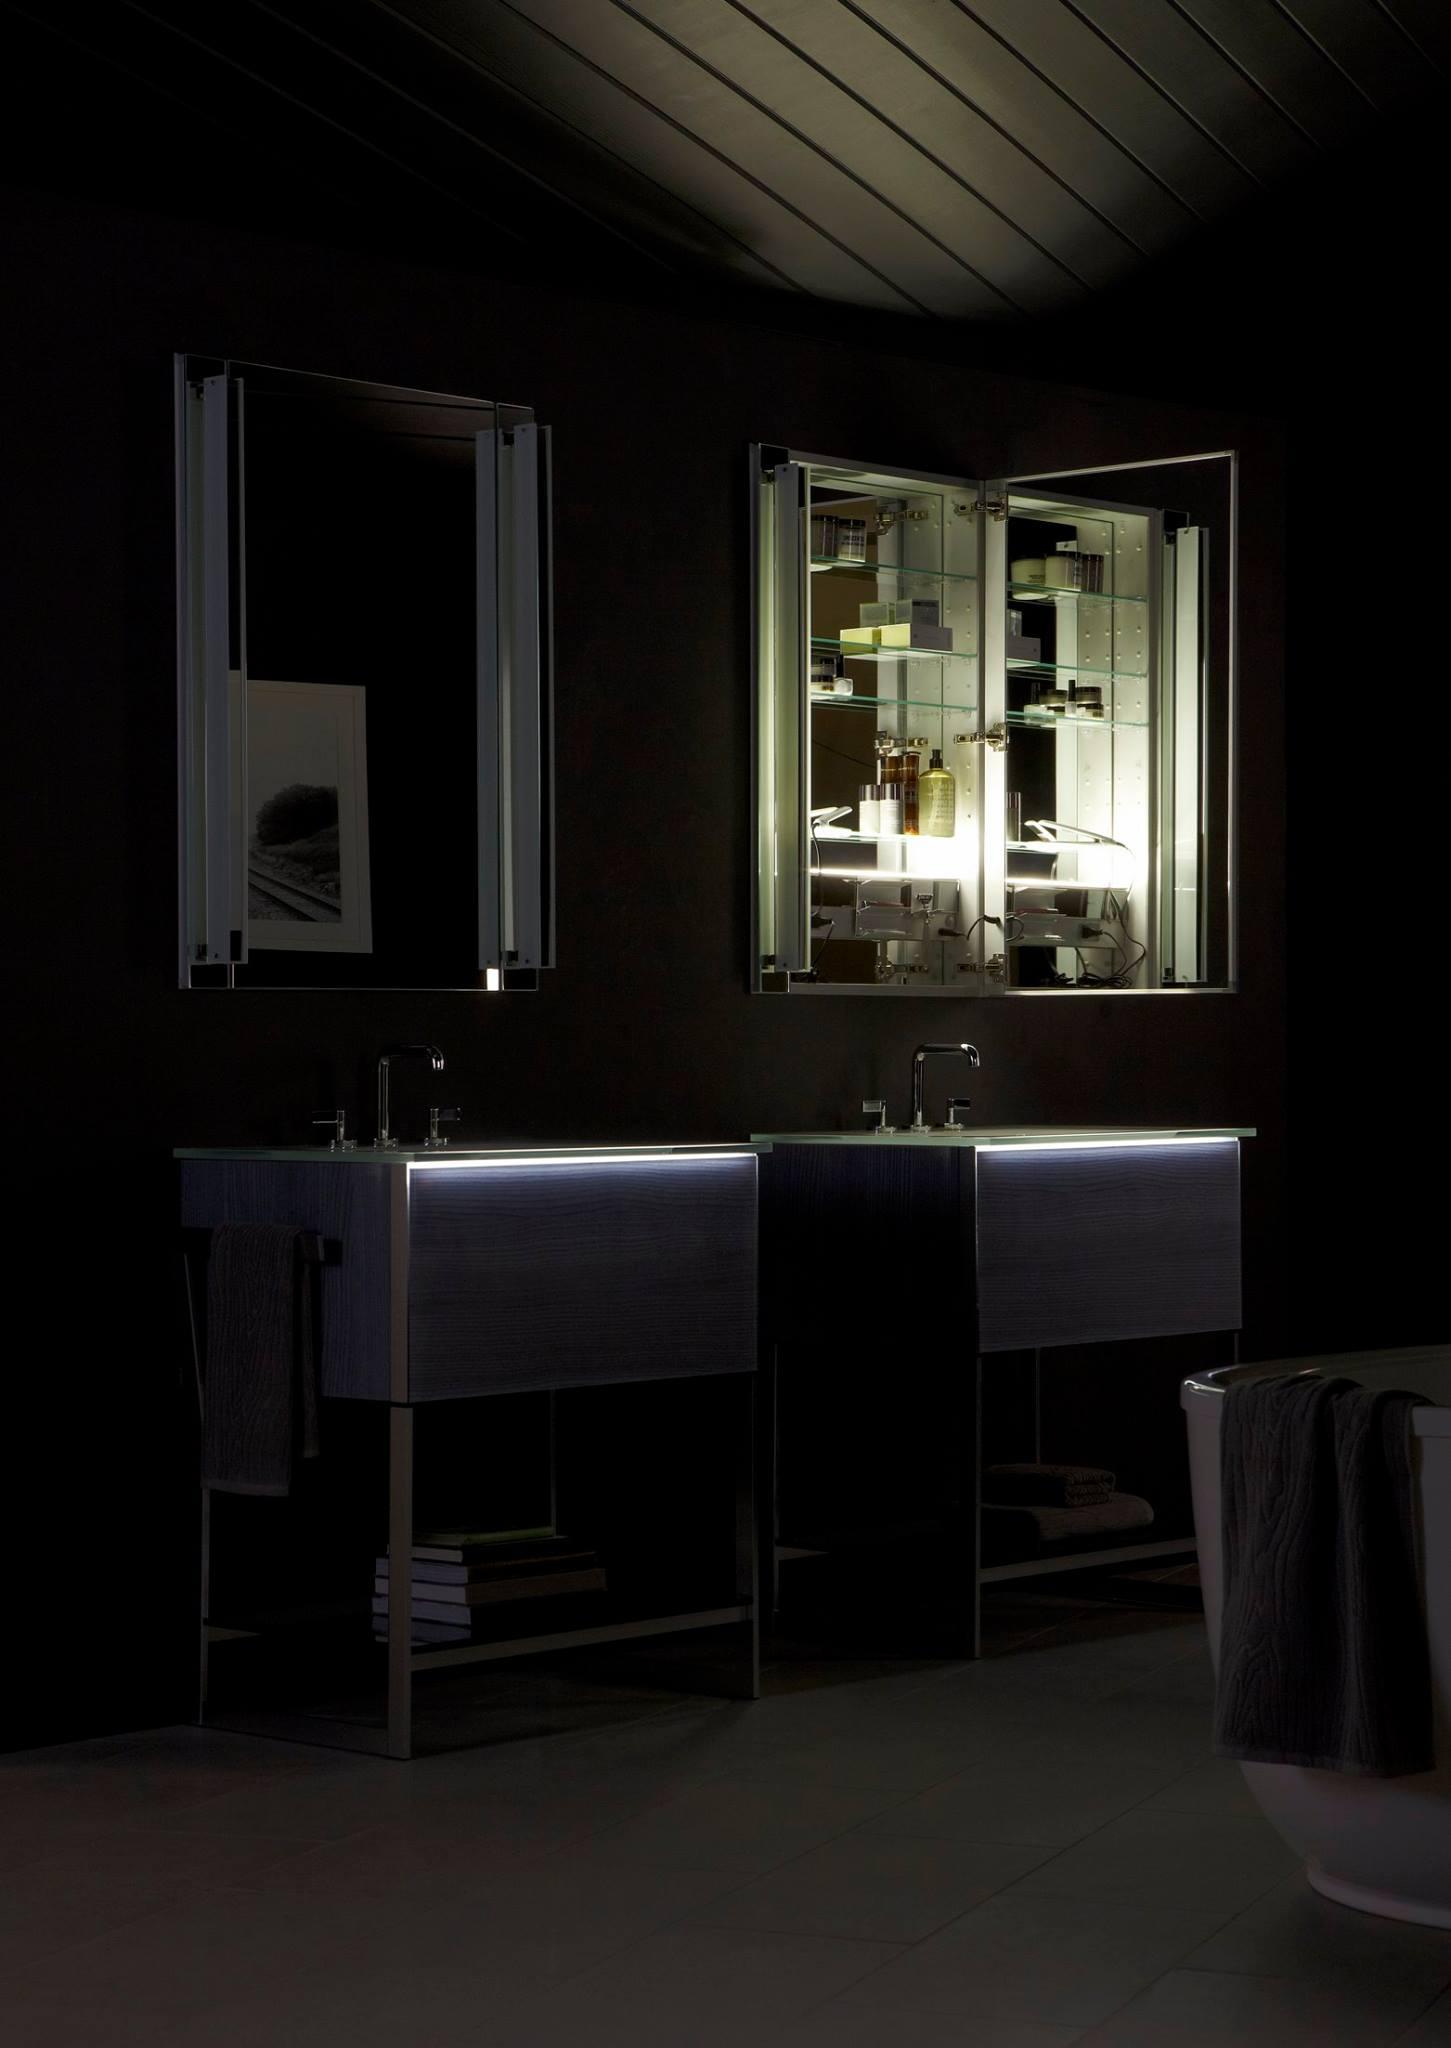 7 robern nighlight mirror.jpg